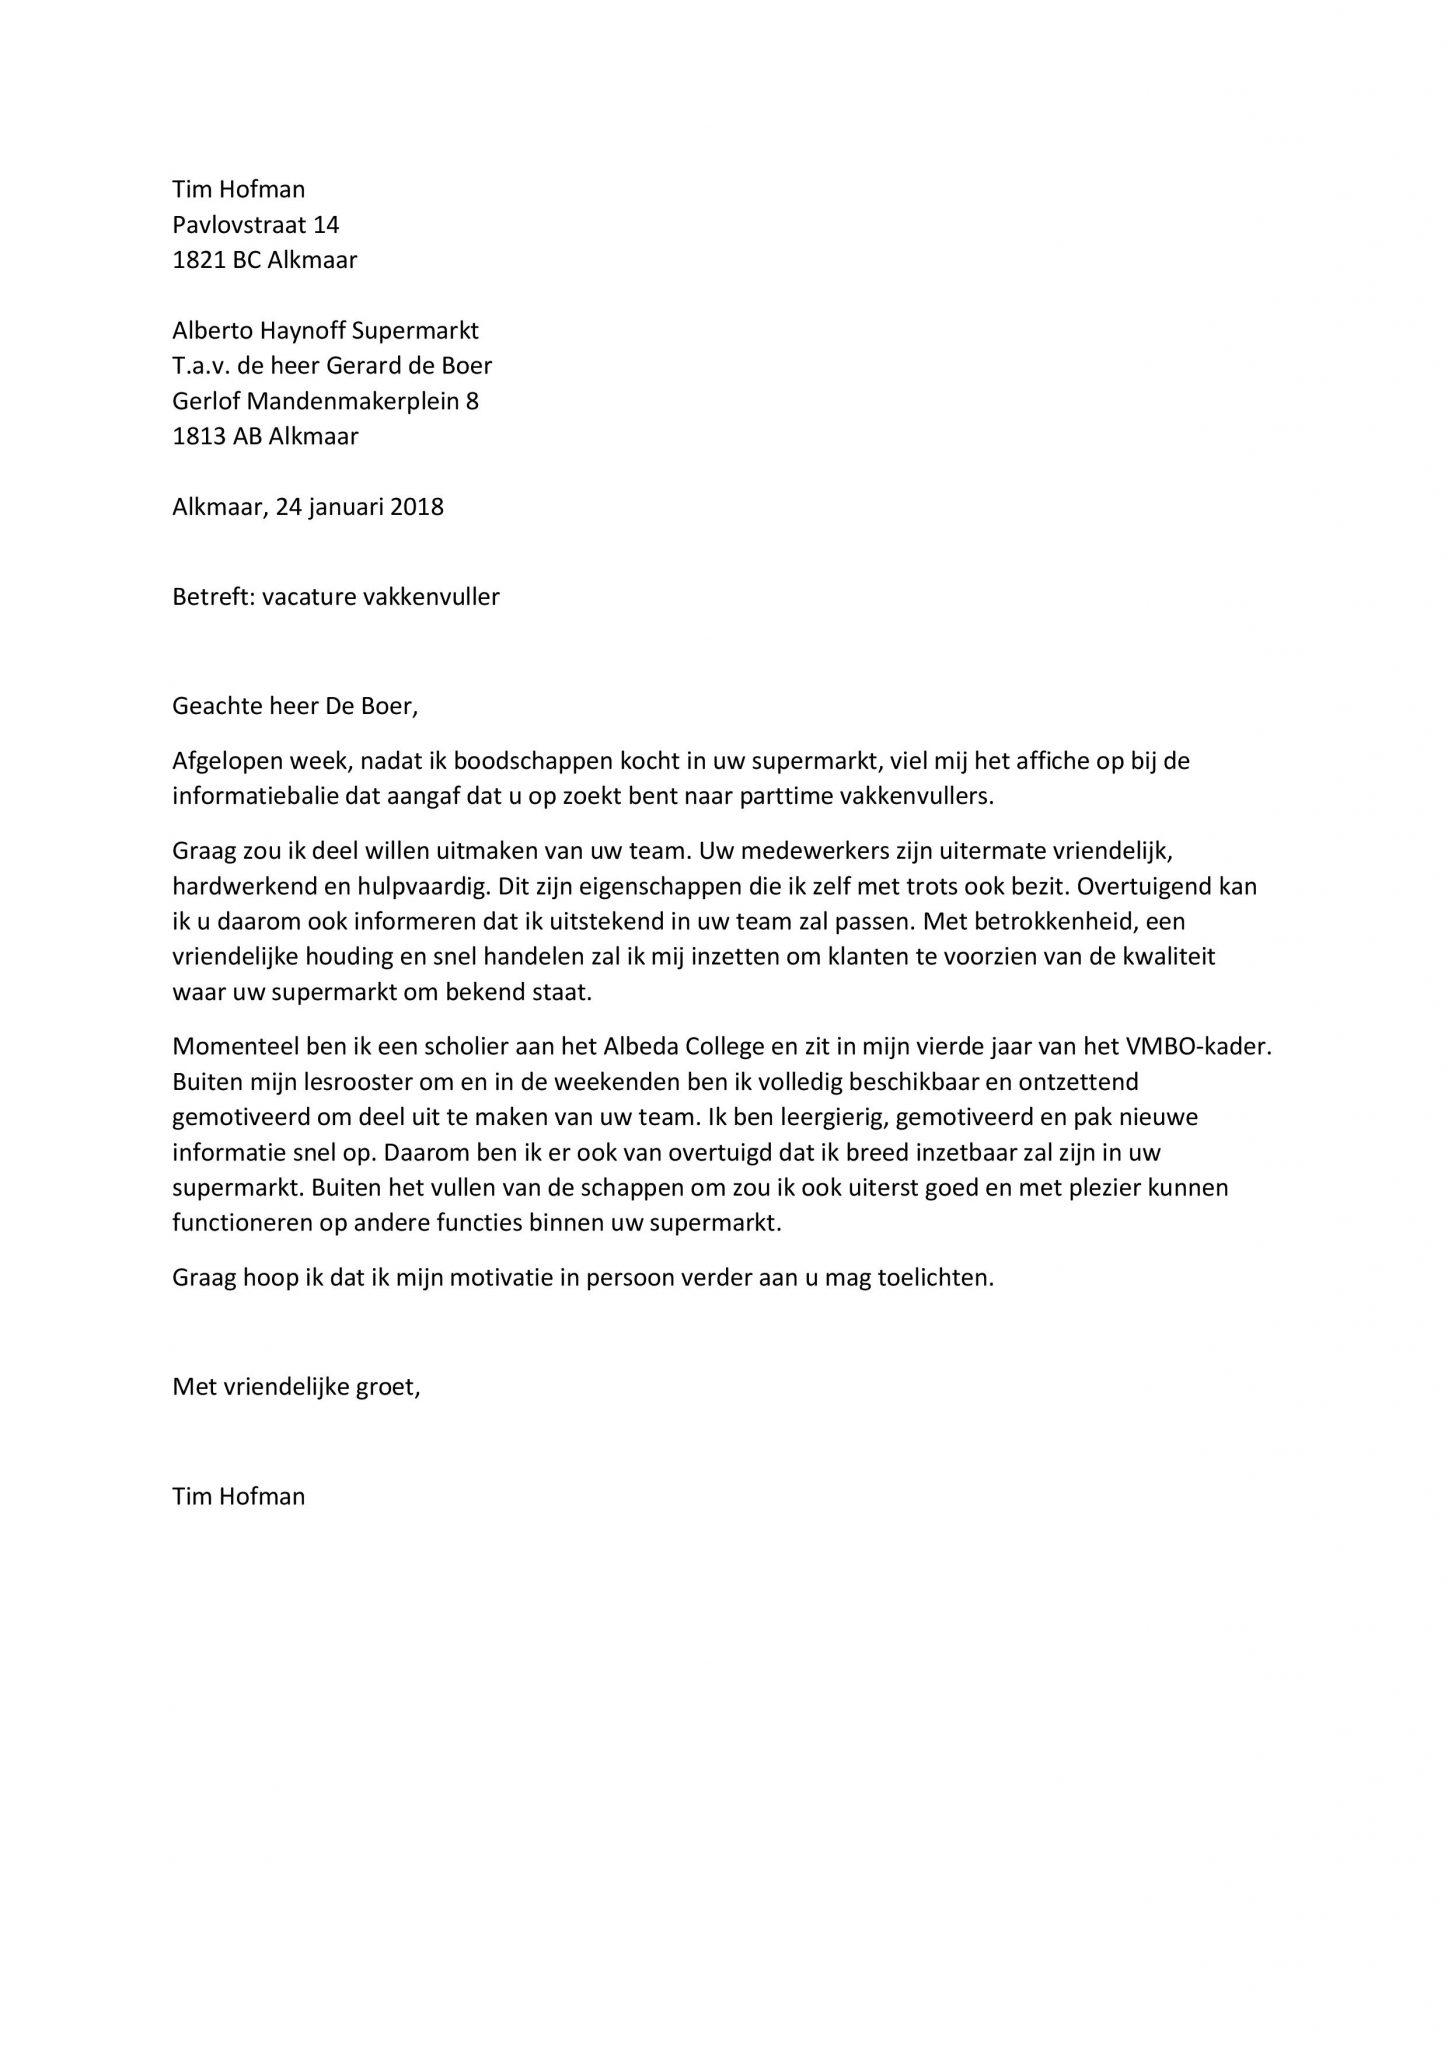 Sollicitatiebrief Vakkenvuller   Sollicitatiebijbel.nl